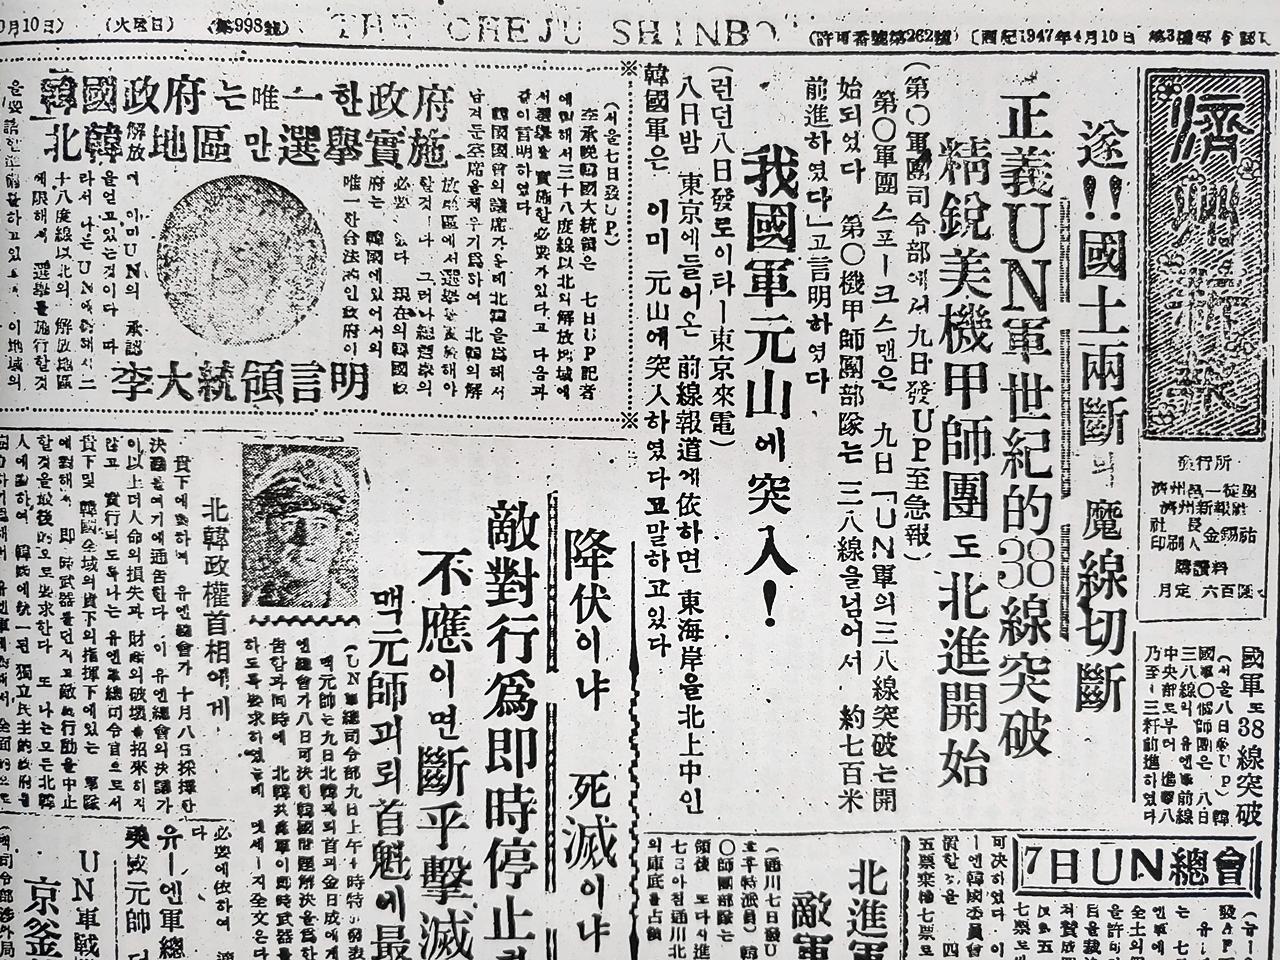 1950년 10월 10일 제주신보 기사. ⓒ제주의소리